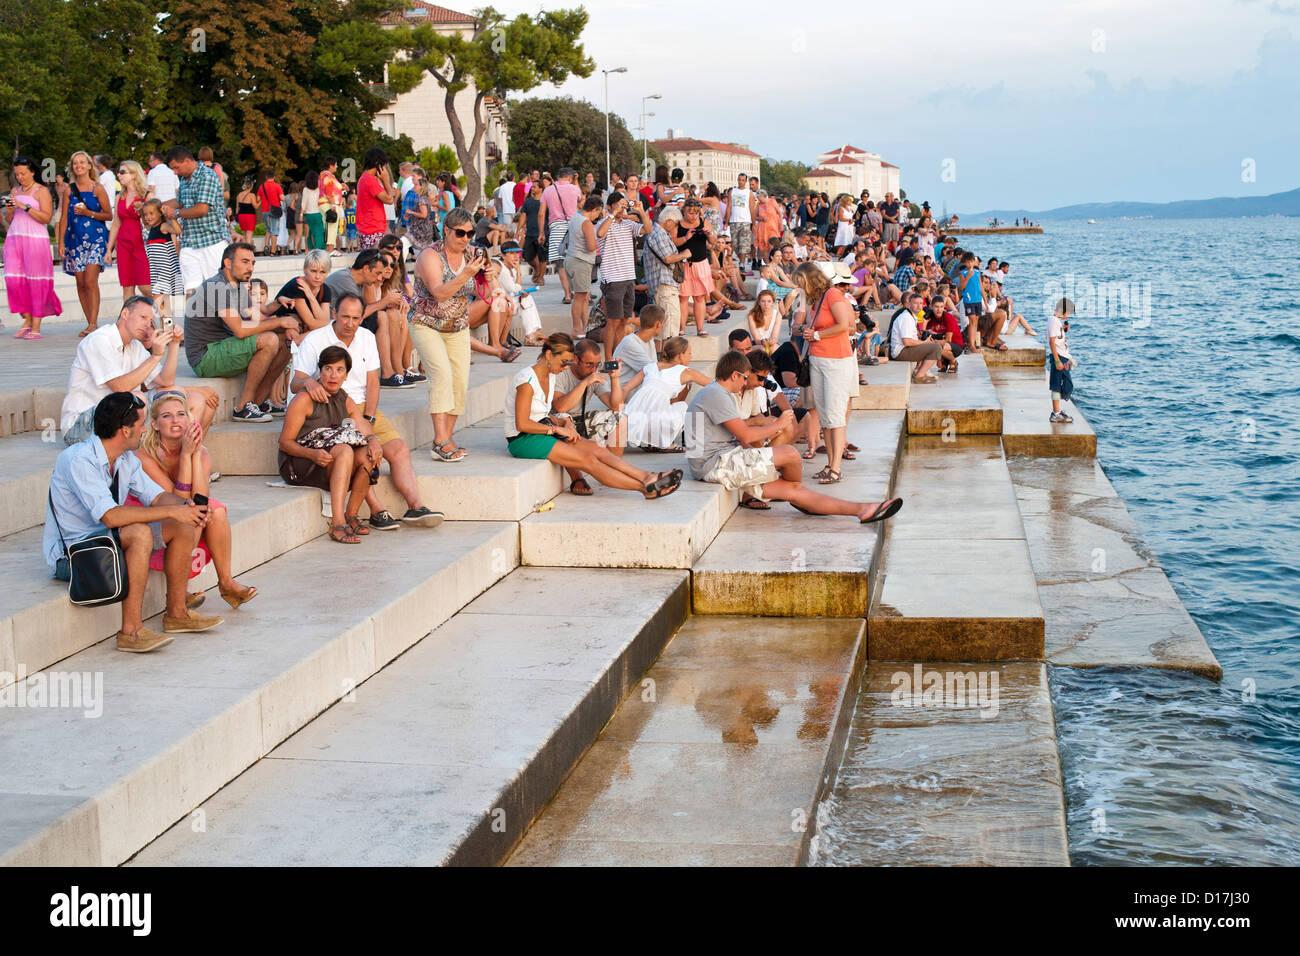 Les gens sur les marches de l''mer' orgue de Zadar sur la côte Adriatique de Croatie. Photo Stock